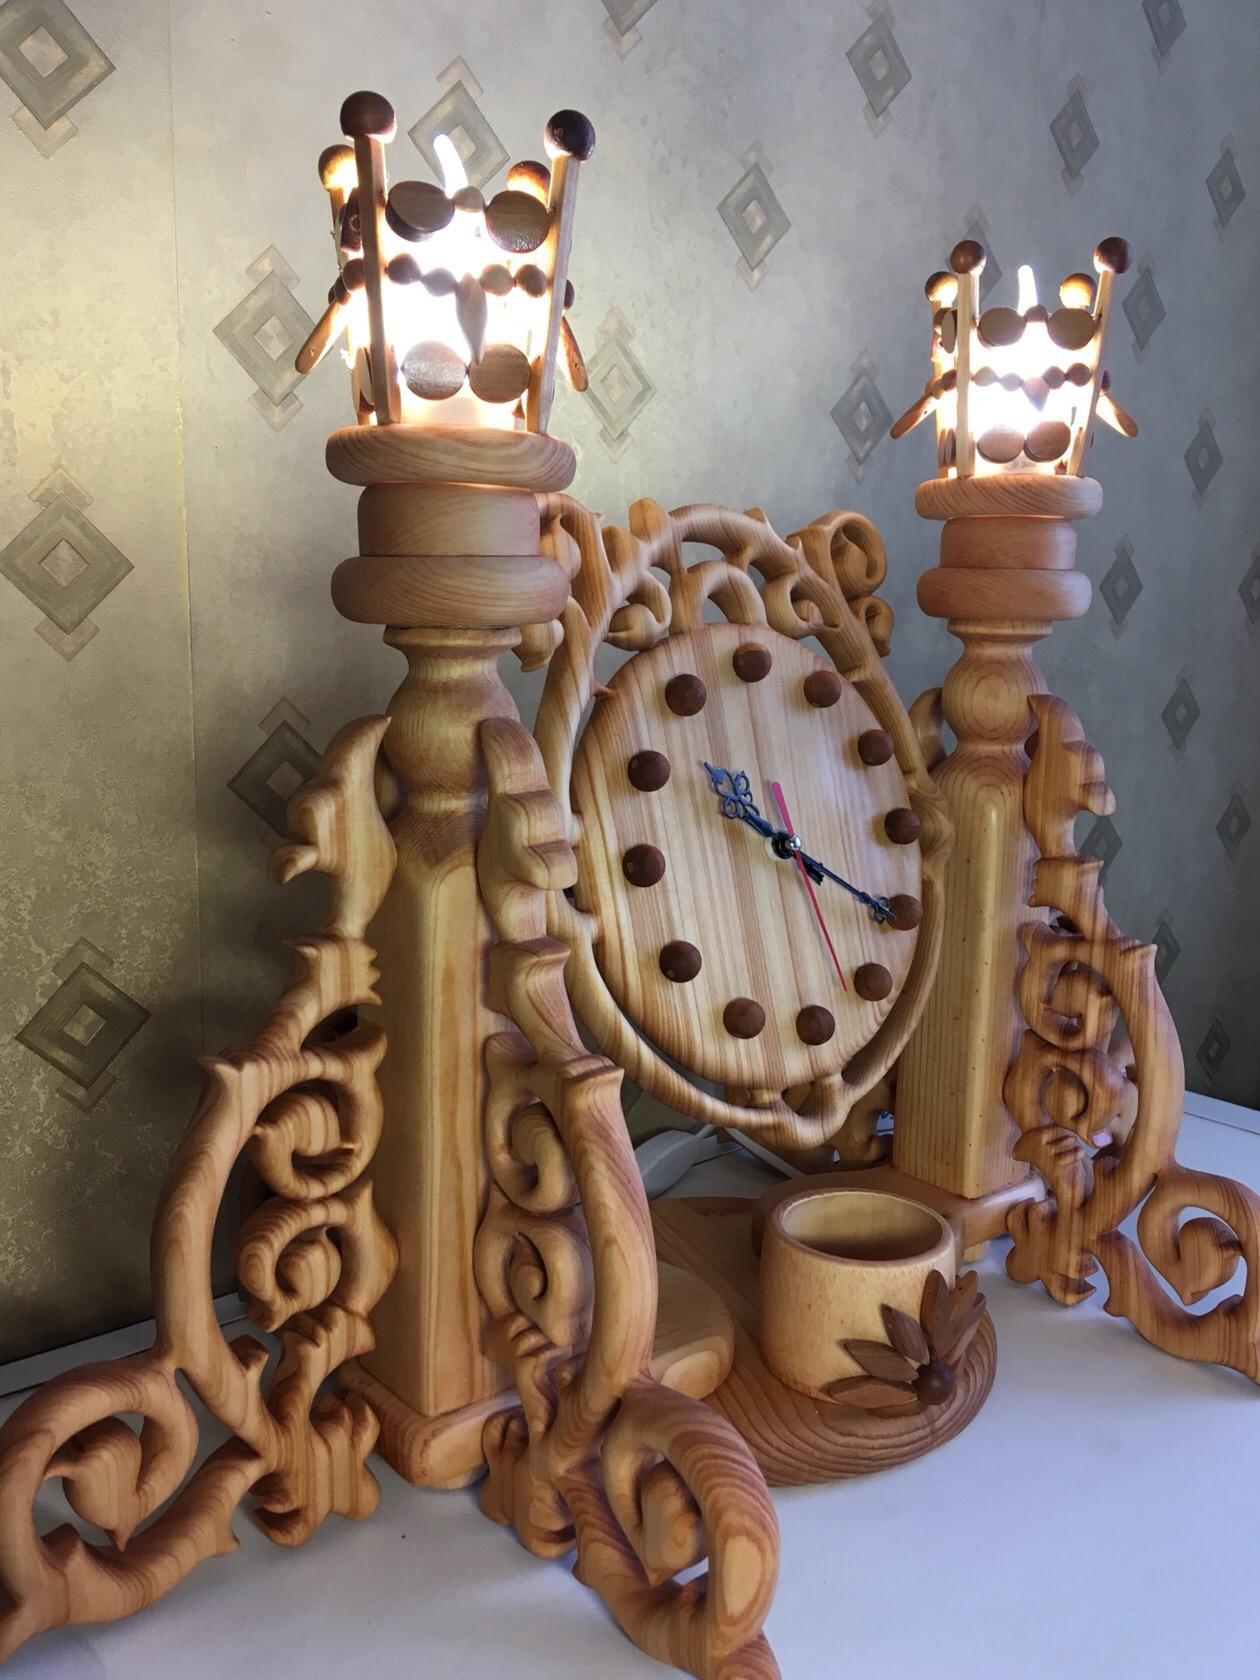 Л. Б. Меньшова 1958 г. Енисейск Часы настольные. Три в одном: часы, зеркало, шкатулка. + Съемные абажуры на лампы. Кедр. Пропильная резьба. 56 * 45